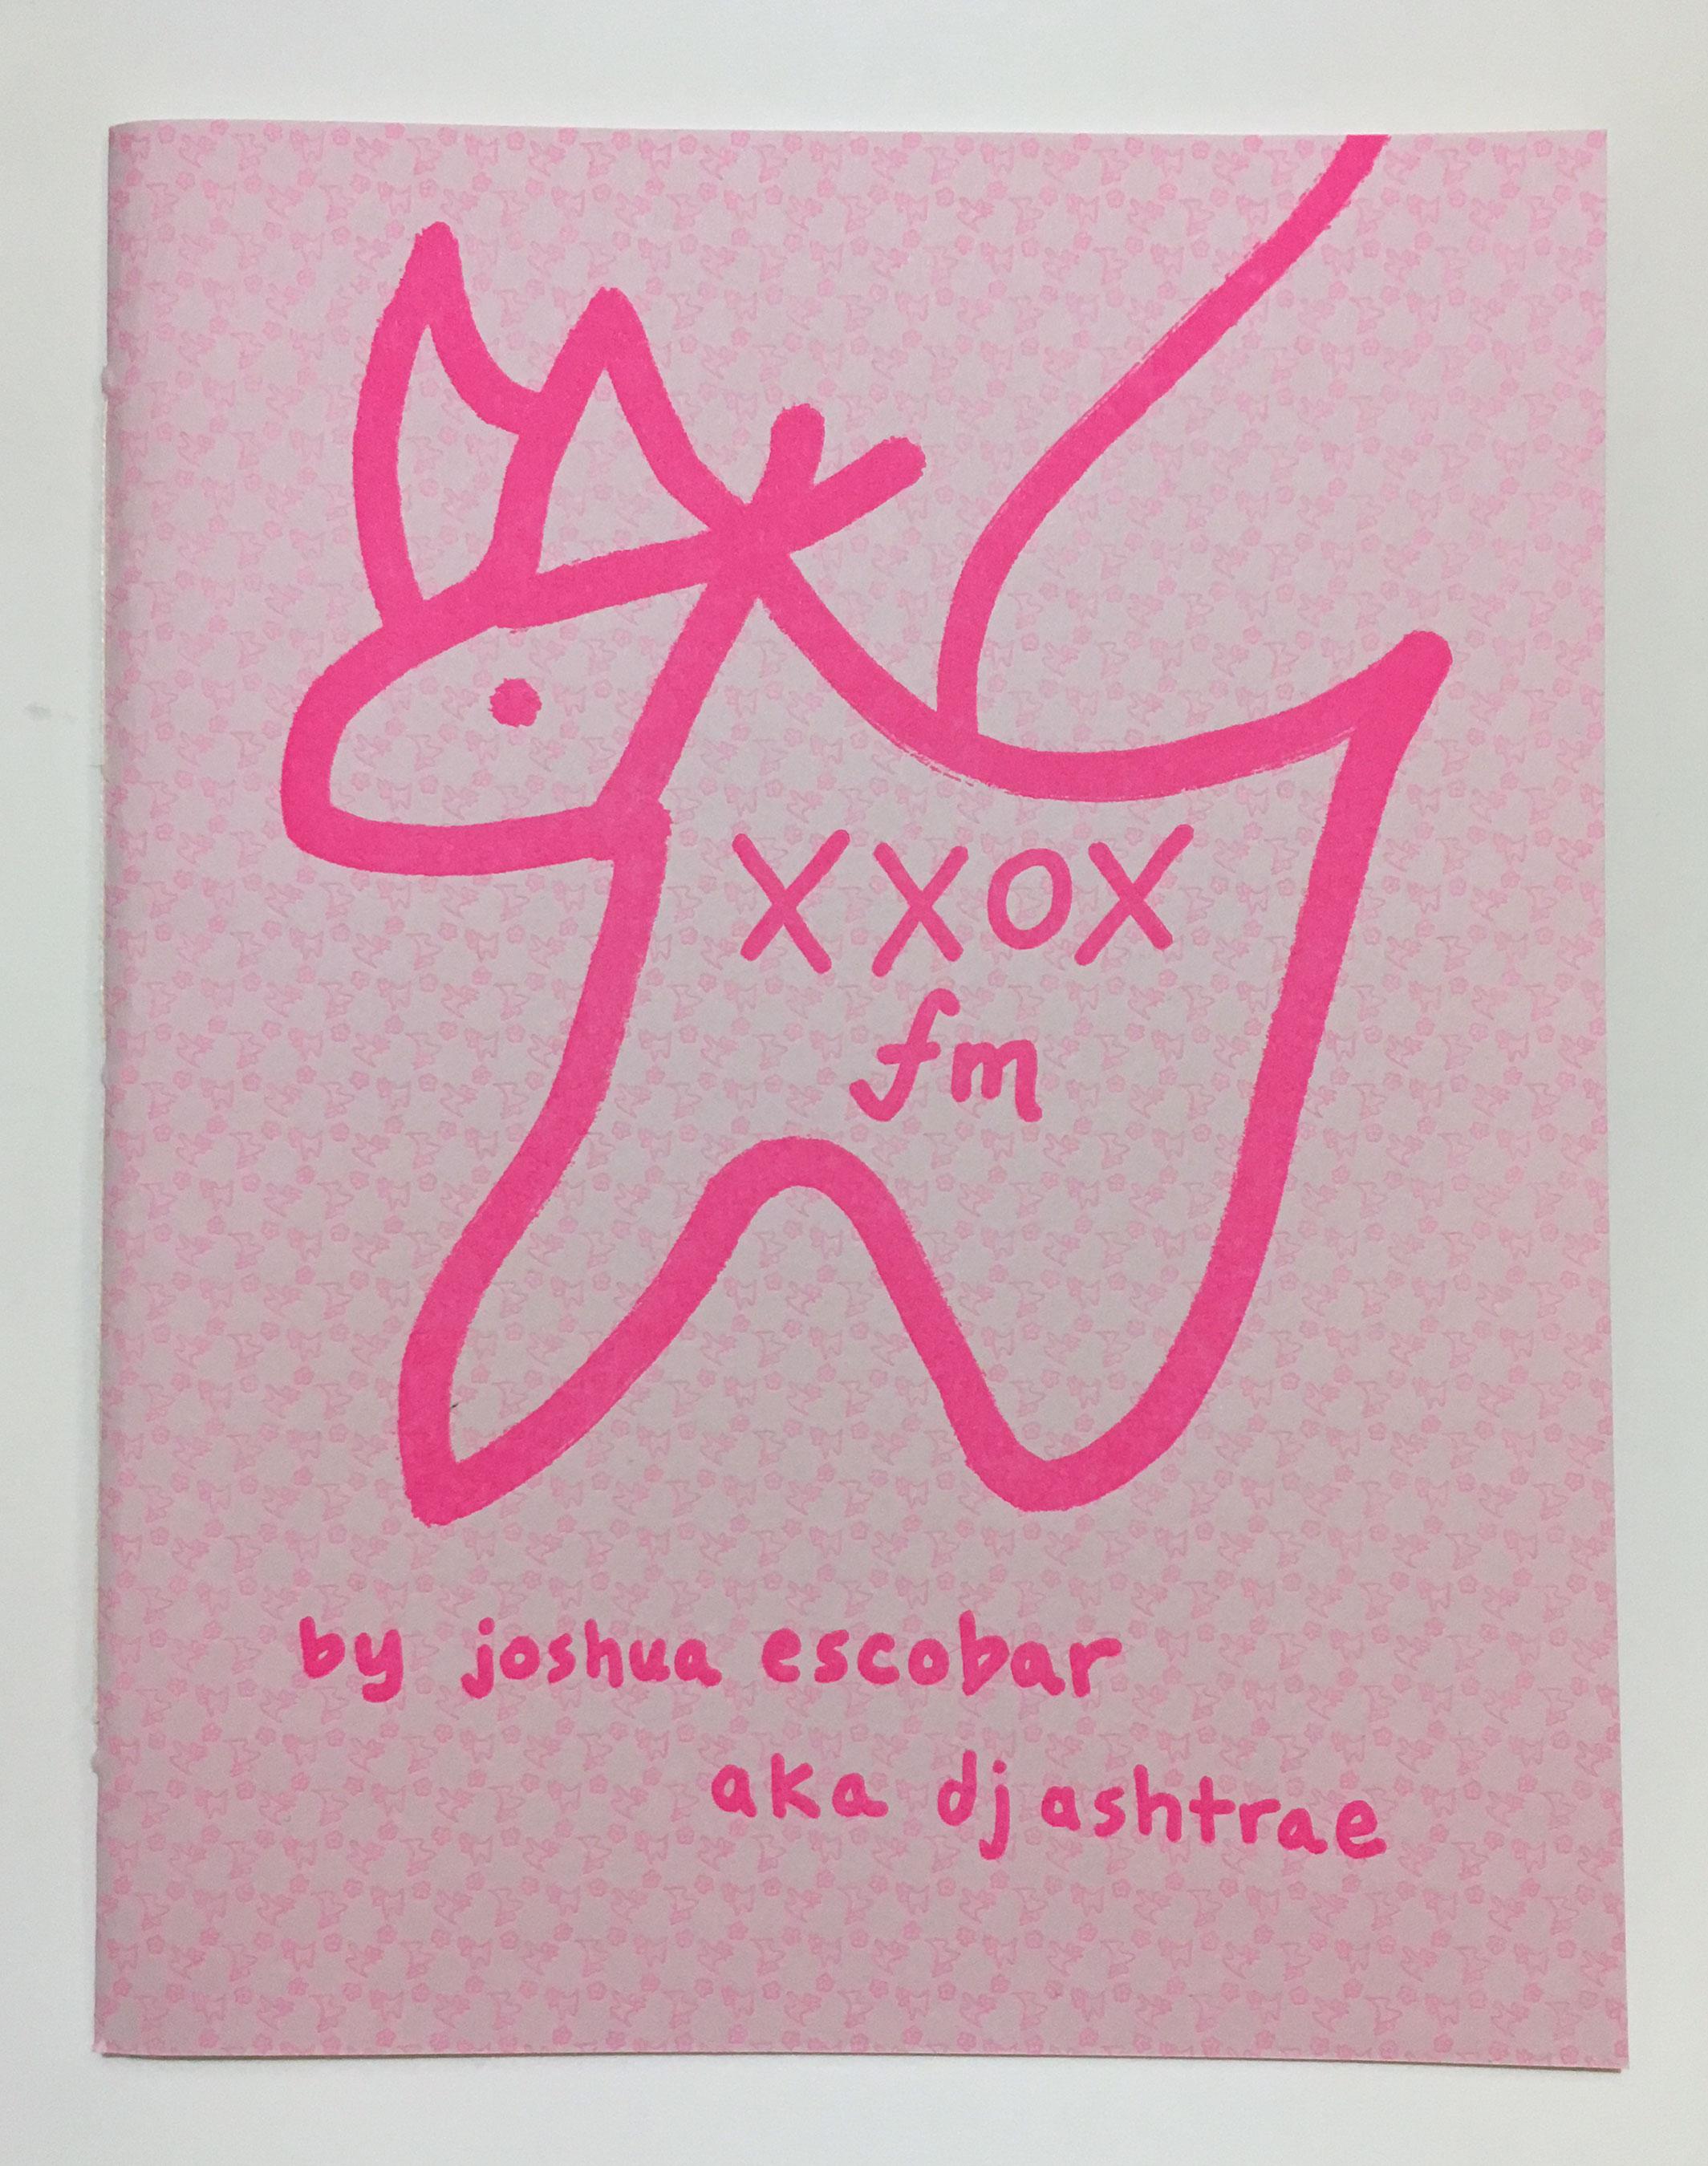 xxox-01-web.jpg